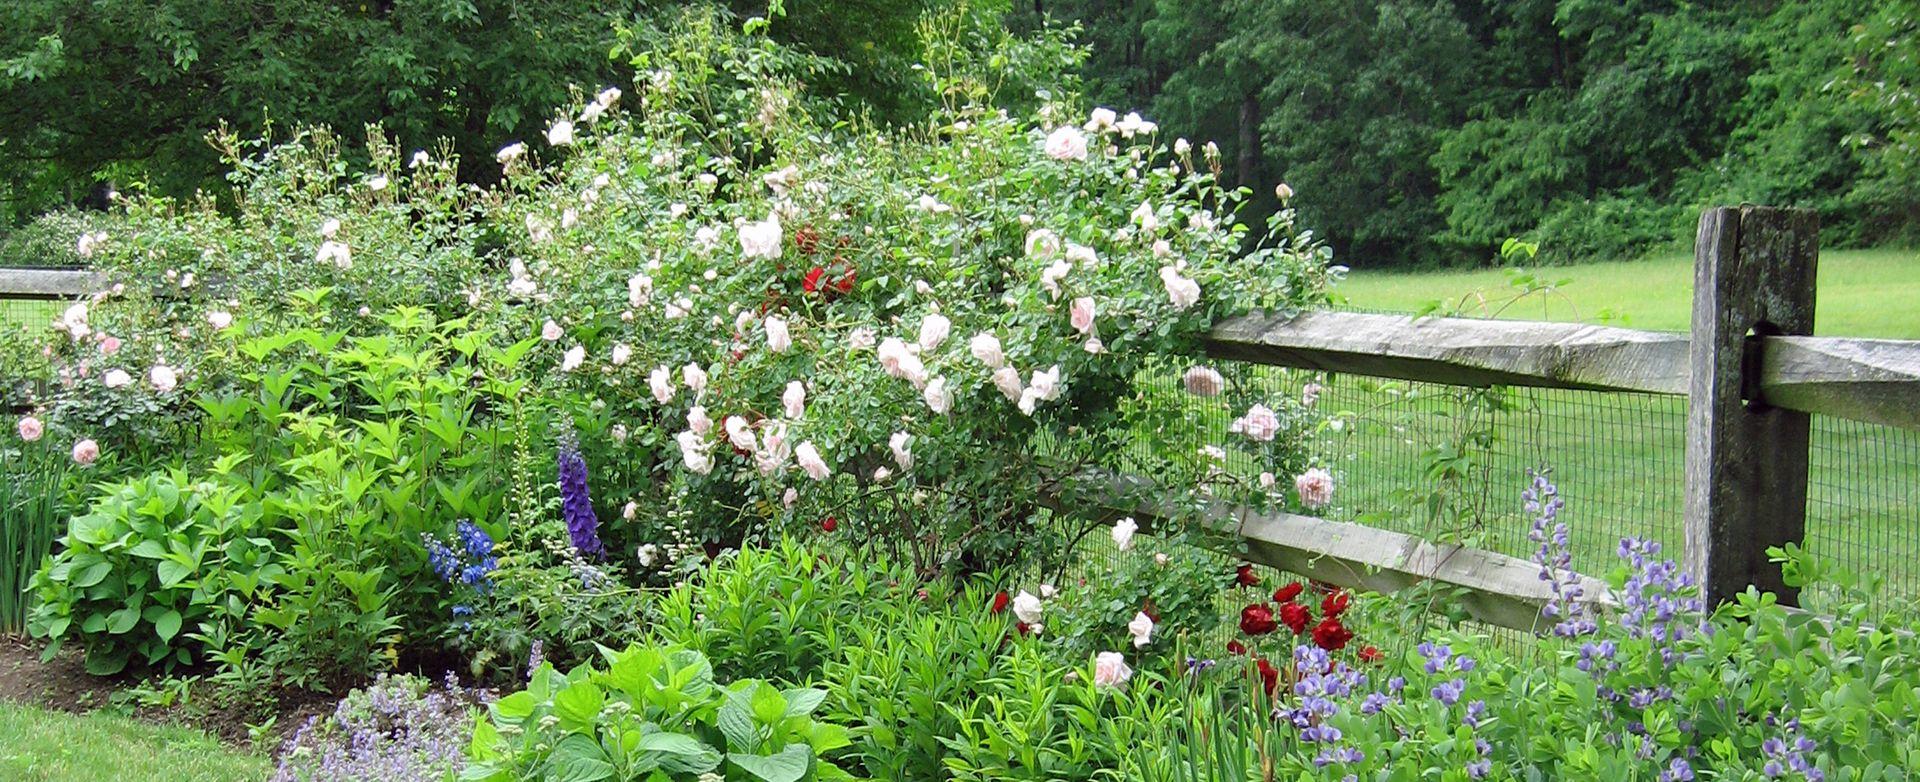 espacios al aire libre ingeniosamente diseñados por el galardonado diseñador de jardines Susan Cohan, APLD